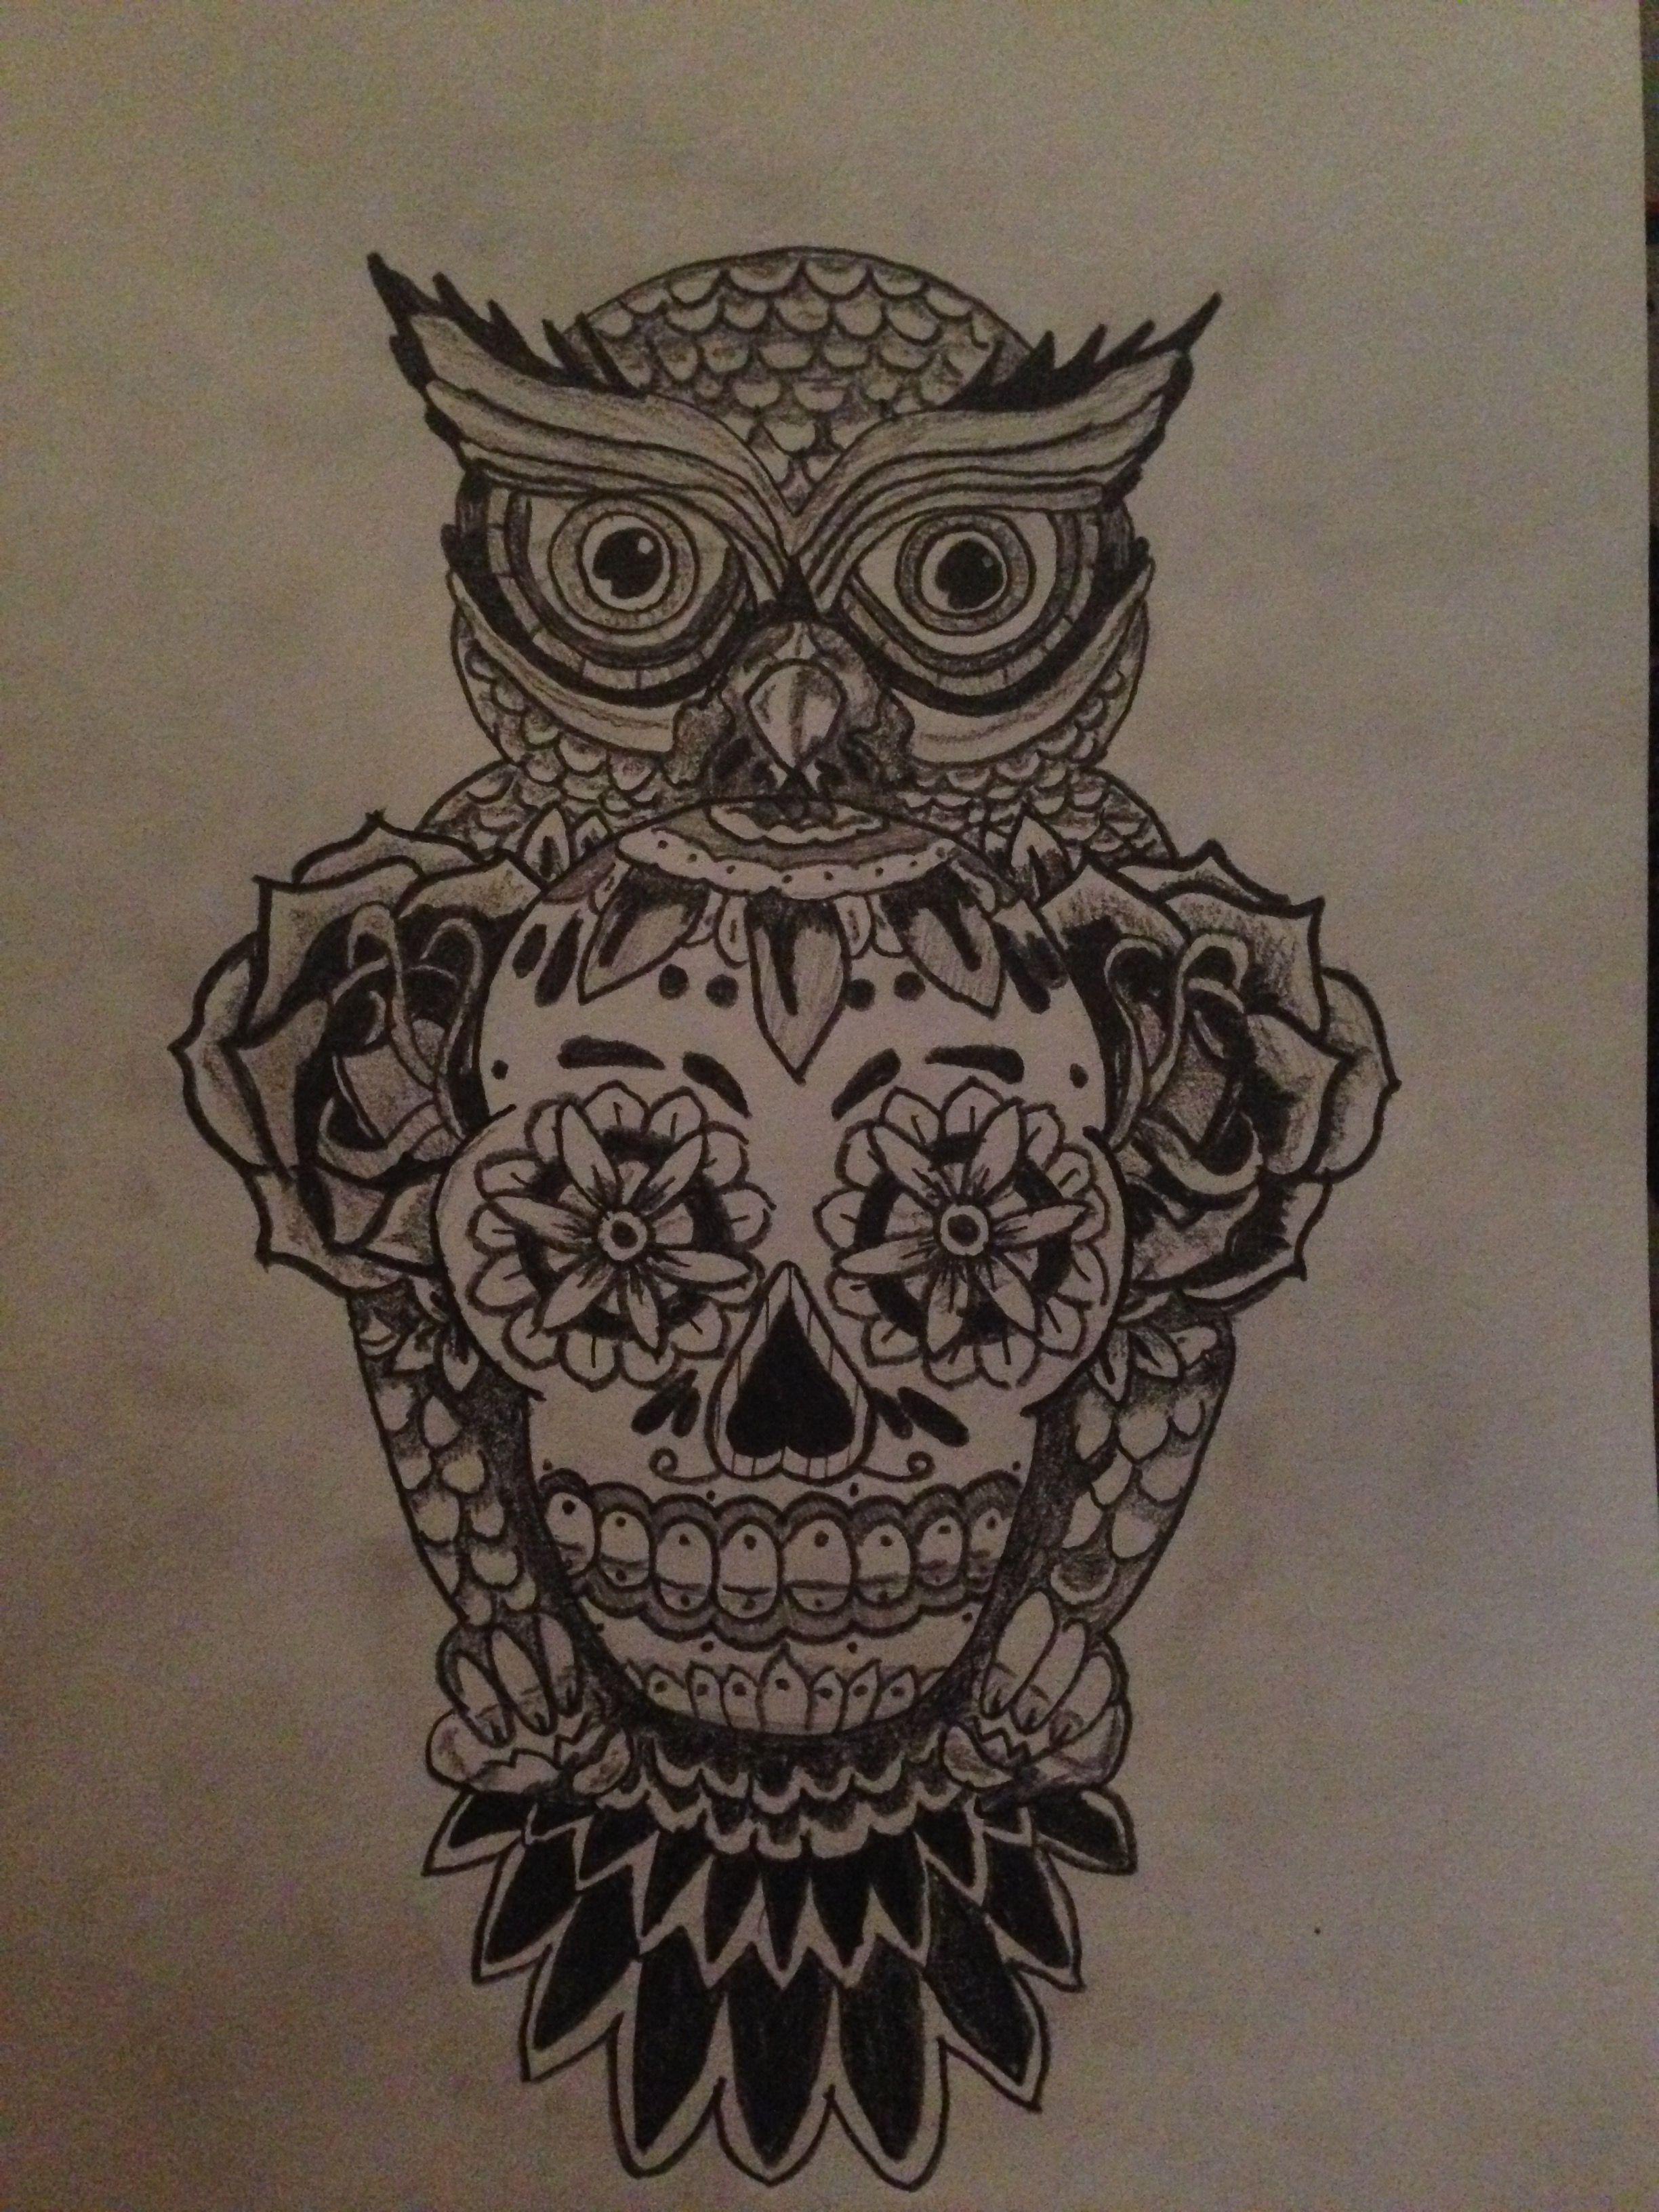 Tattoo drawing. Owl and skull design. Tattoo | My Art ... - photo#26